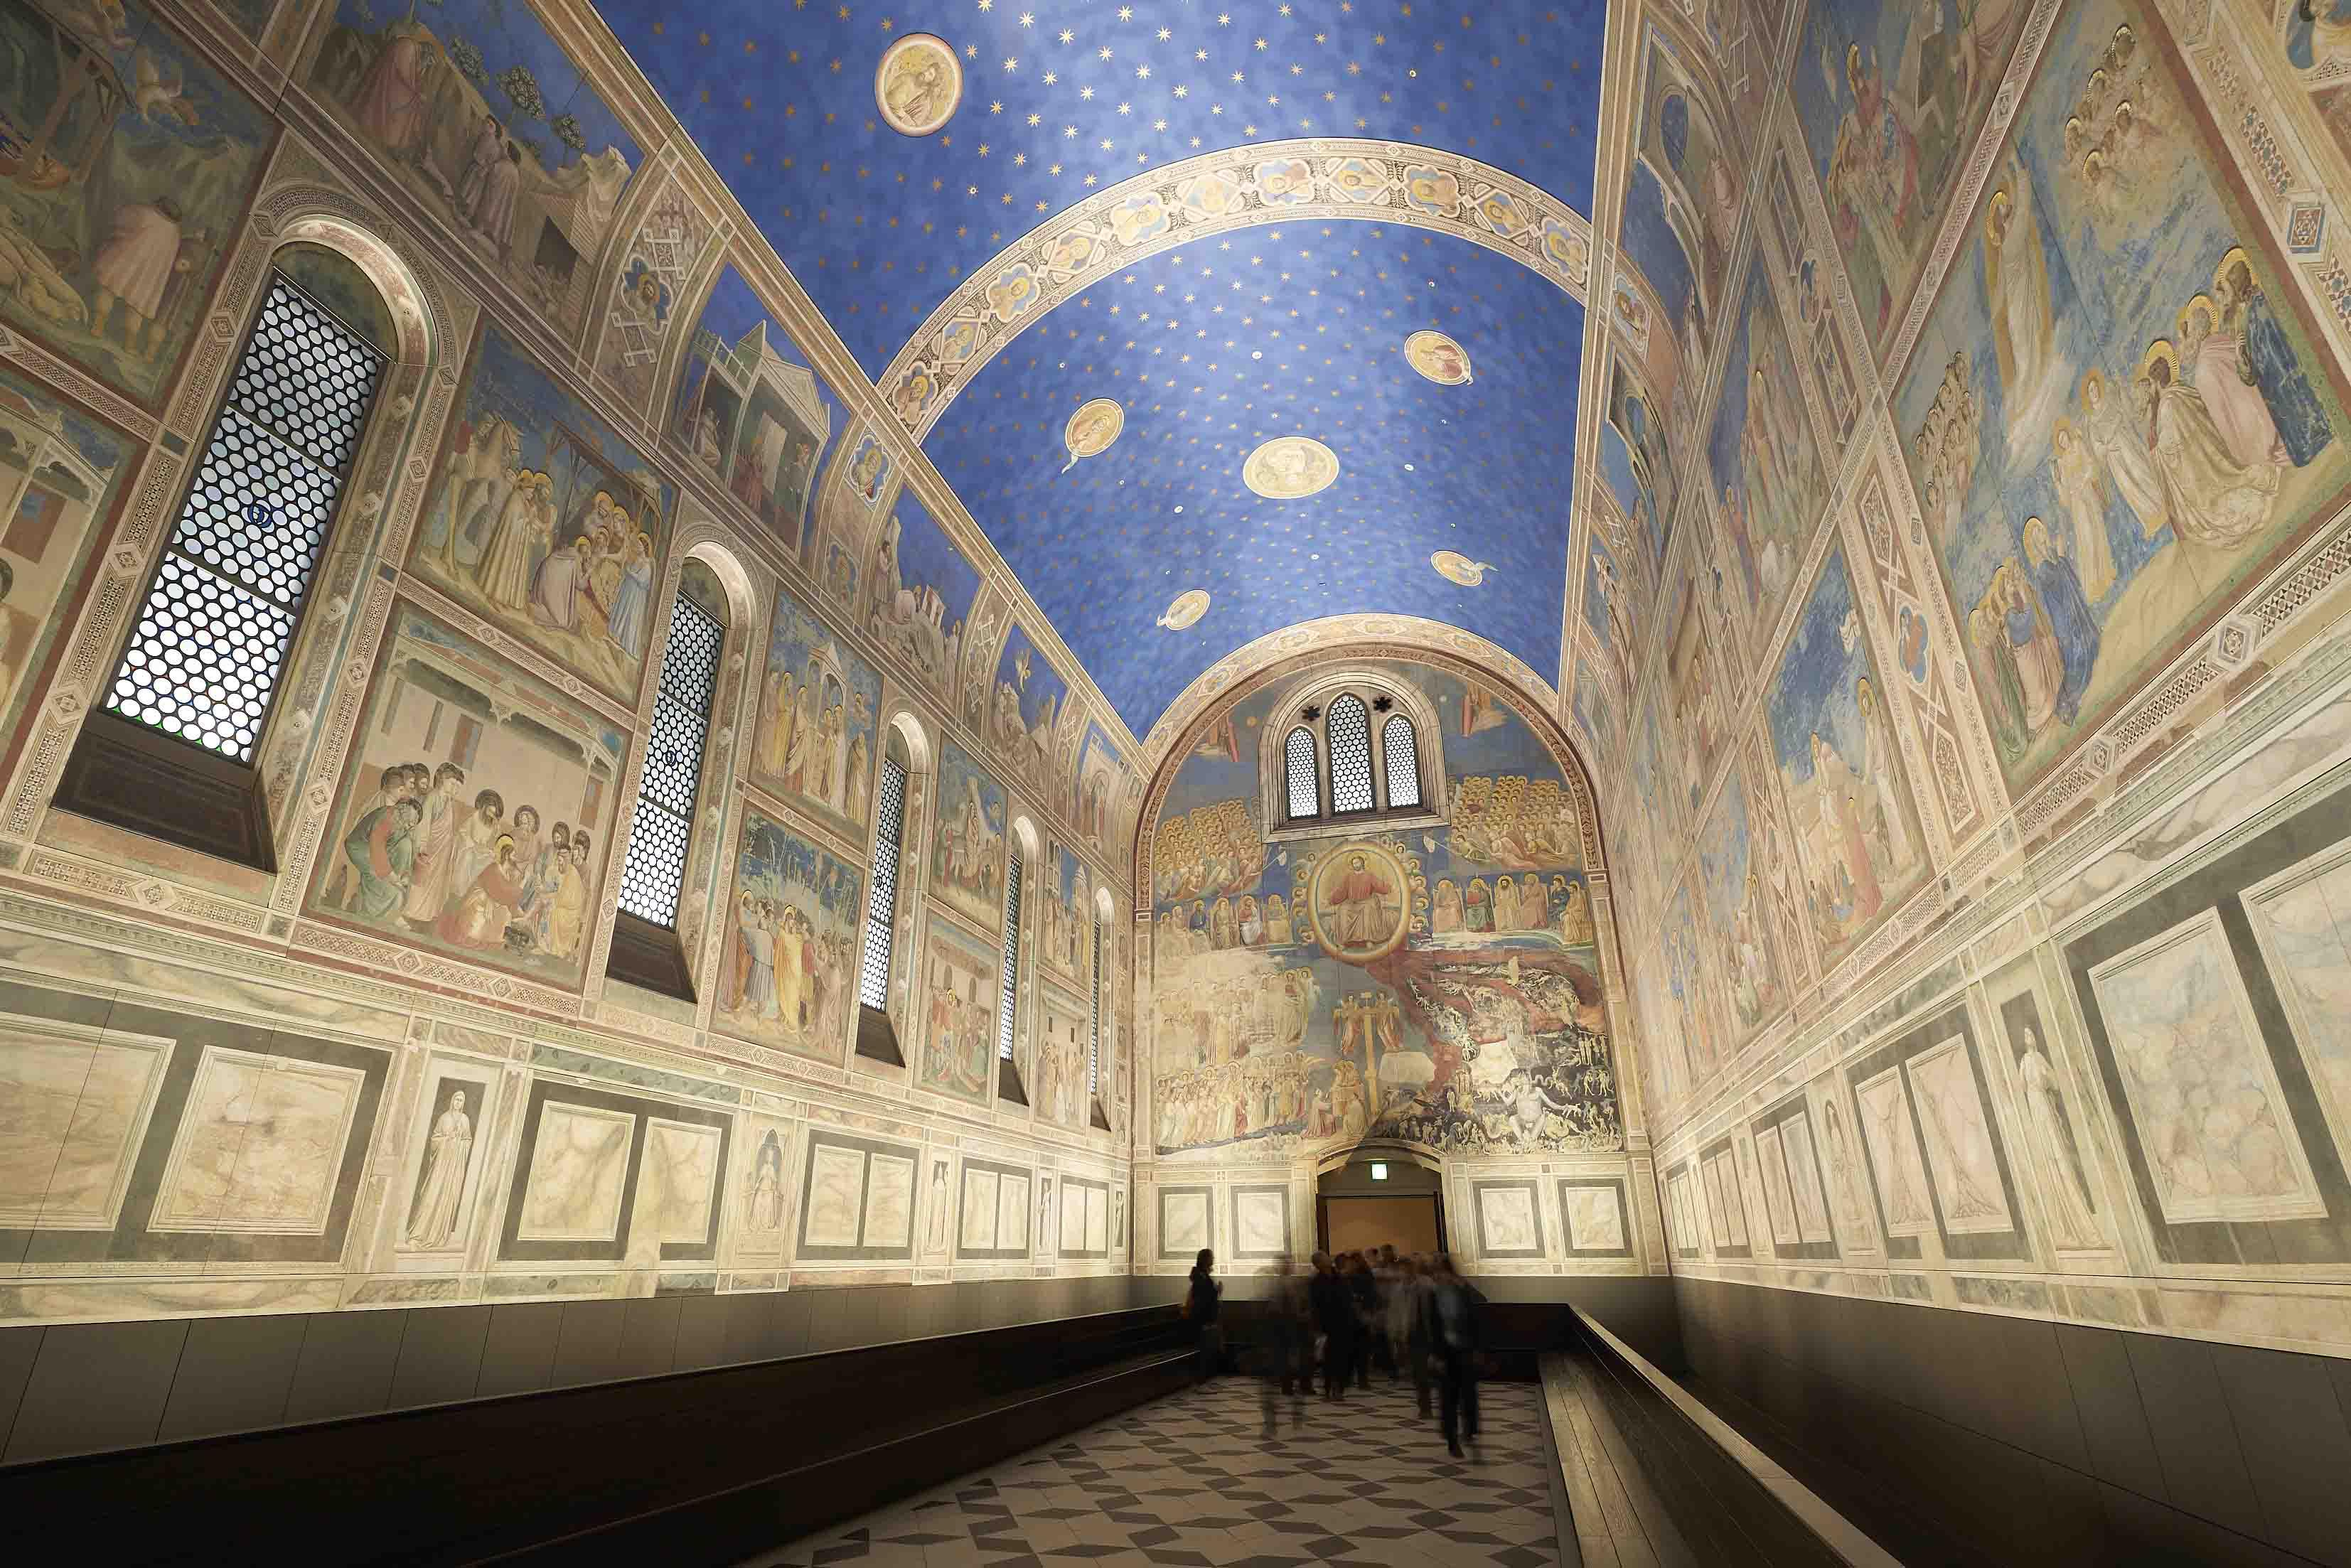 イタリアにあるジョット作「スクロヴェーニ礼拝堂」の壁画を陶板で再現